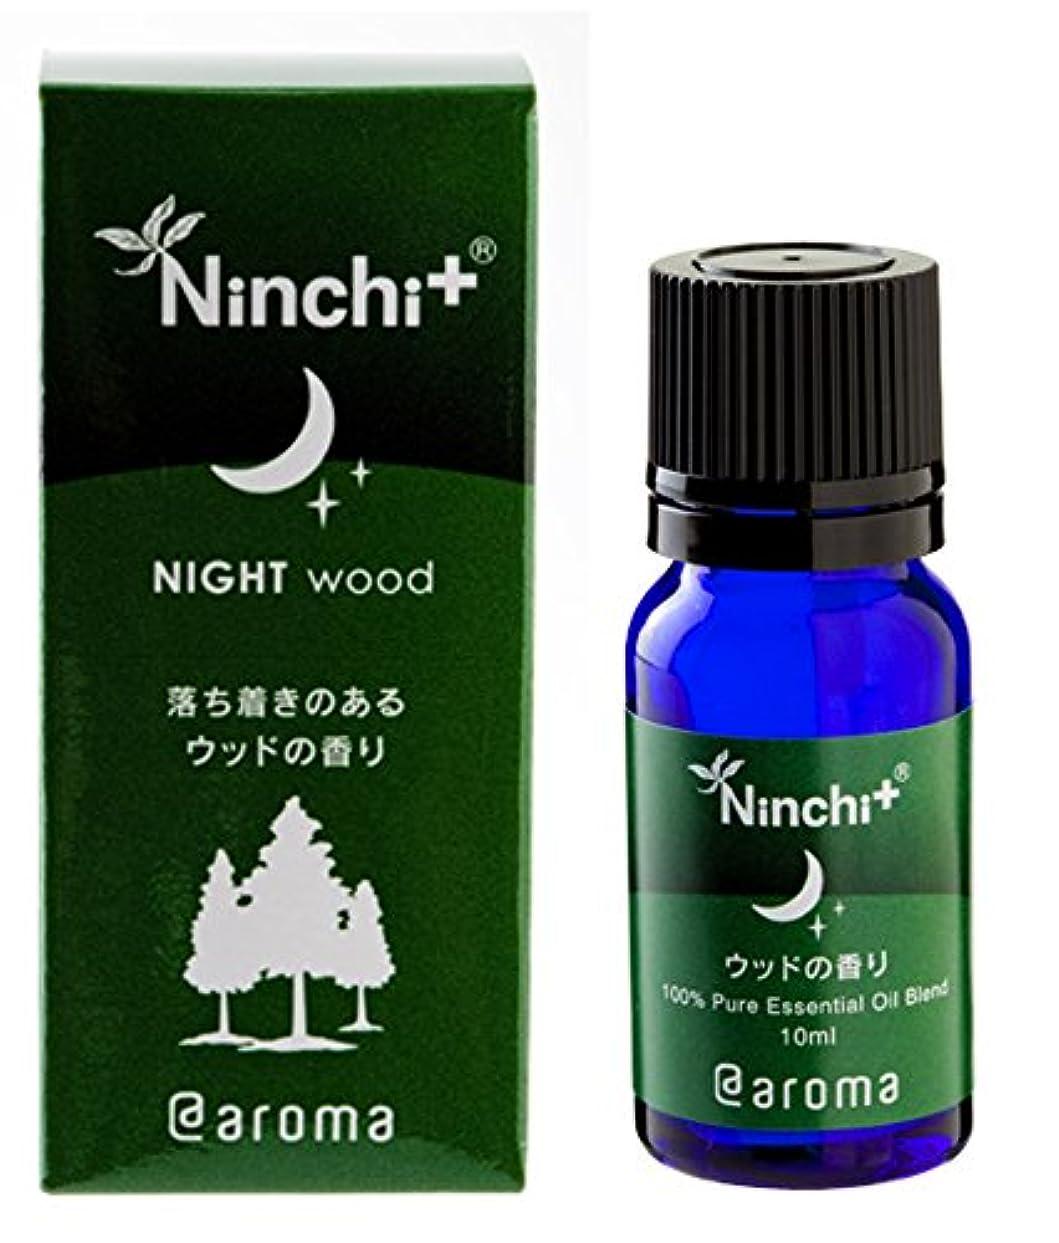 注目すべきペインギリック取り替えるNinchi+ Night ウッド10ml